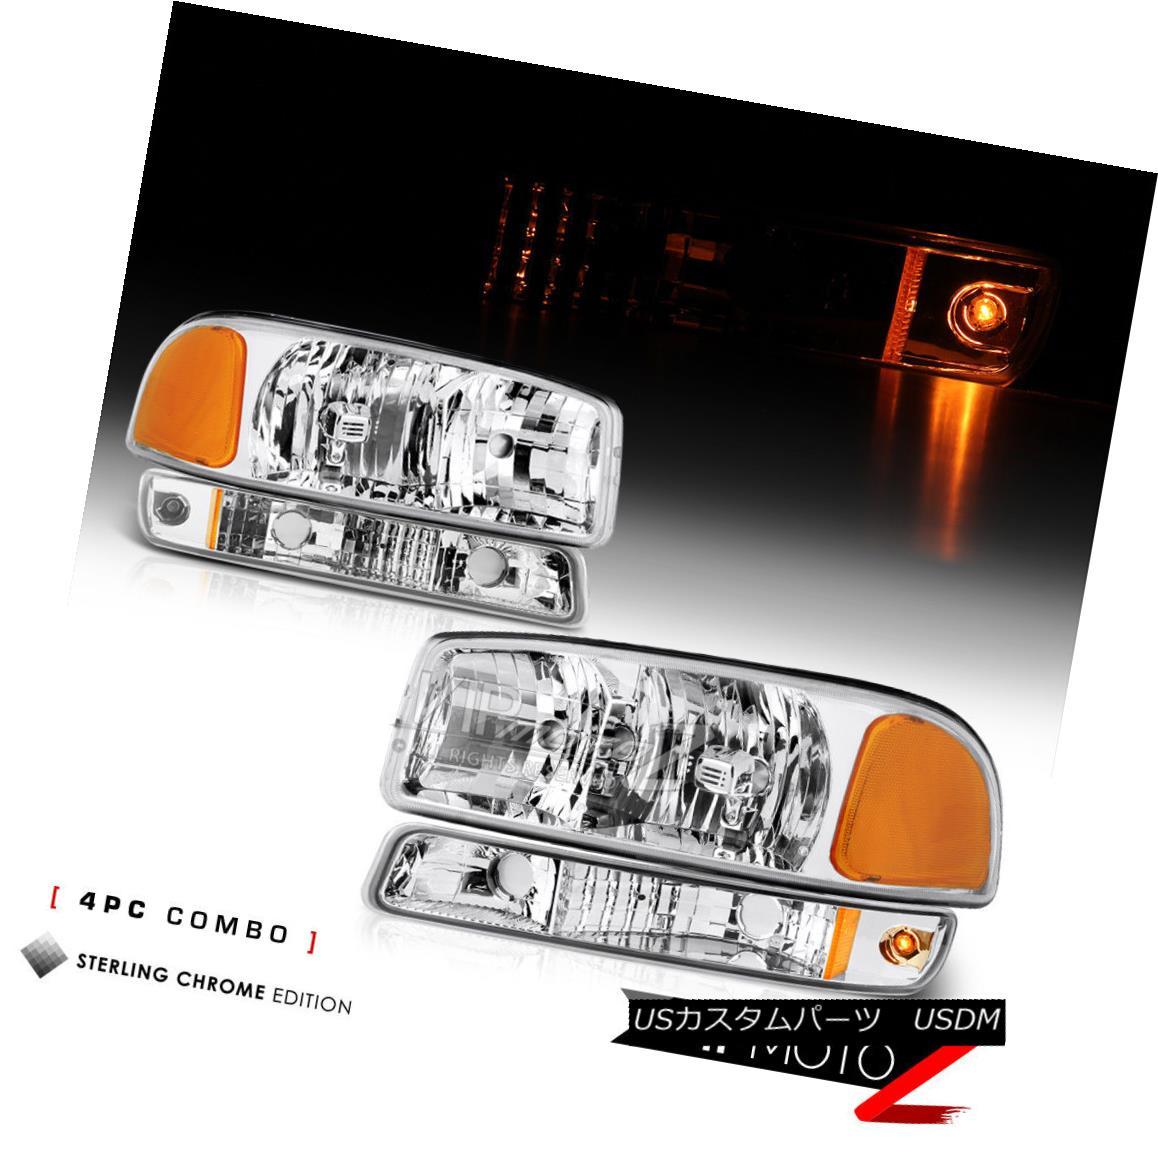 ヘッドライト [4PC COMBO] 2000-2006 GMC Sierra Yukon *Factory Style* Headlights Bumper Lamps [4PC COMBO] 2000-2006 GMC Sierra Yukon *工場スタイル*ヘッドライトバンパーランプ